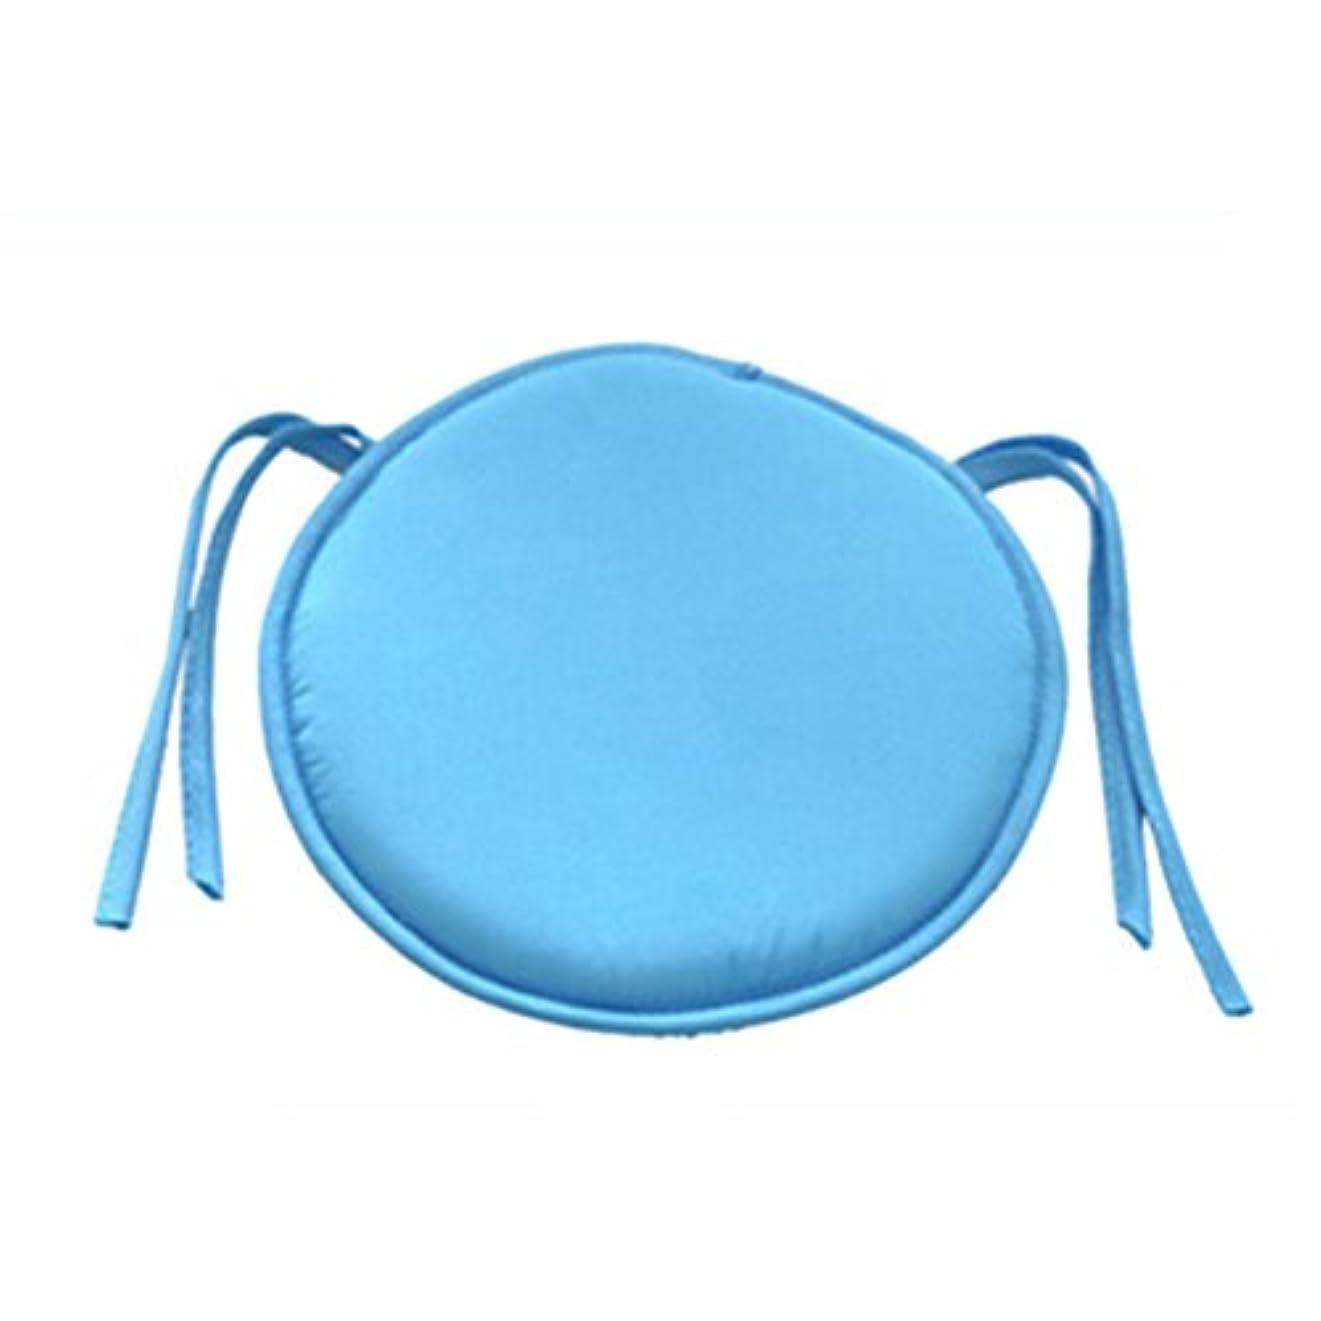 ポータルバッグスタイルLIFE ホット販売ラウンドチェアクッション屋内ポップパティオオフィスチェアシートパッドネクタイスクエアガーデンキッチンダイニングクッション クッション 椅子